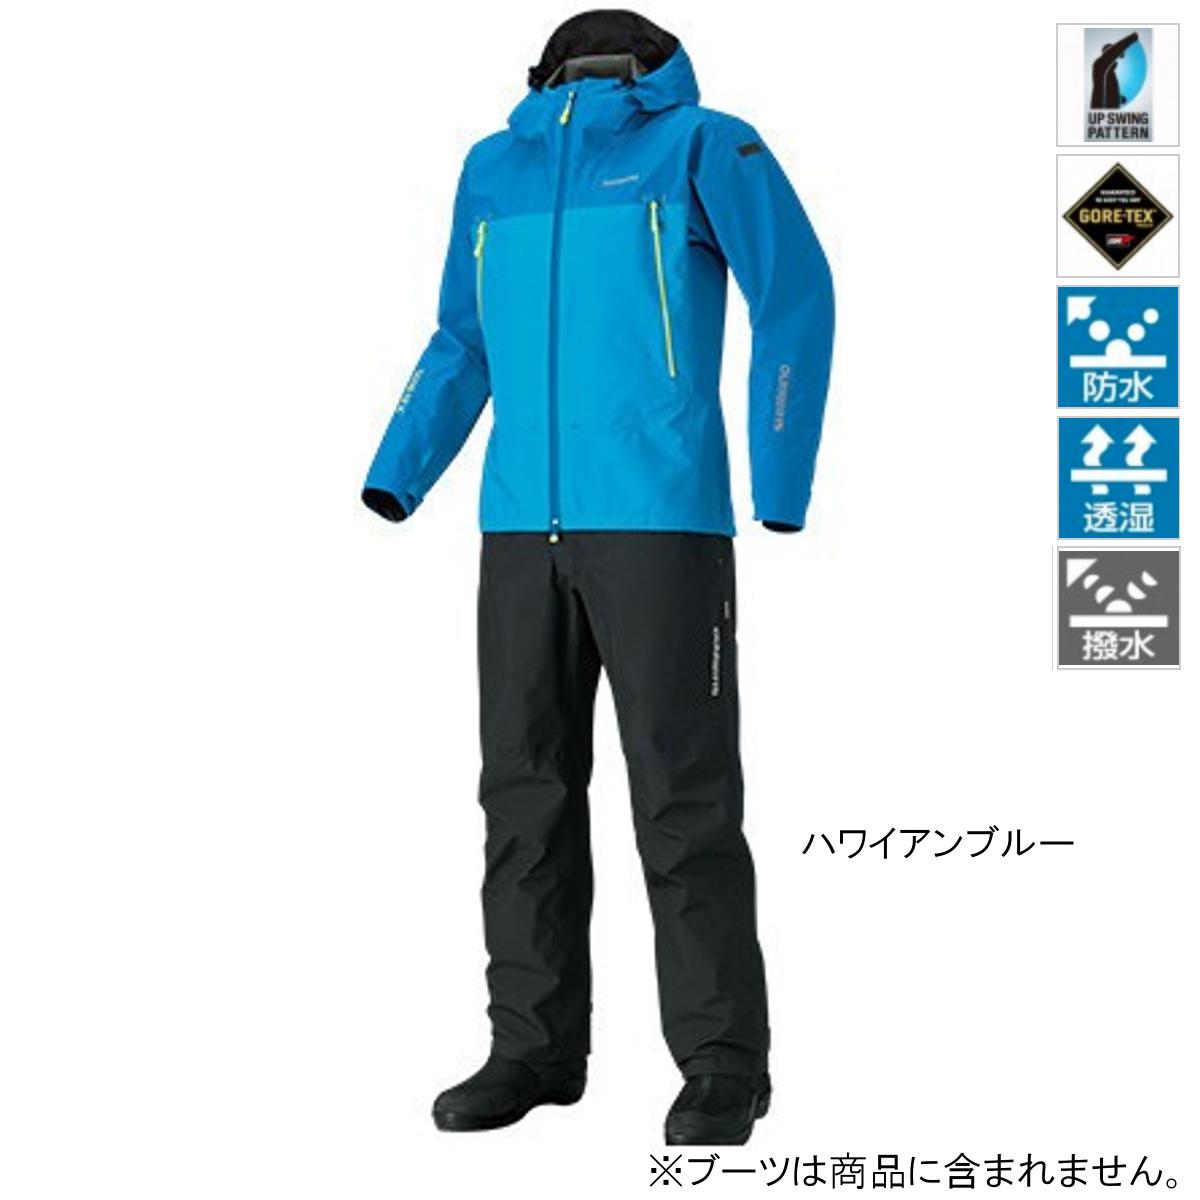 シマノ GORE-TEX ベーシックスーツ RA-017R XL ハワイアンブルー